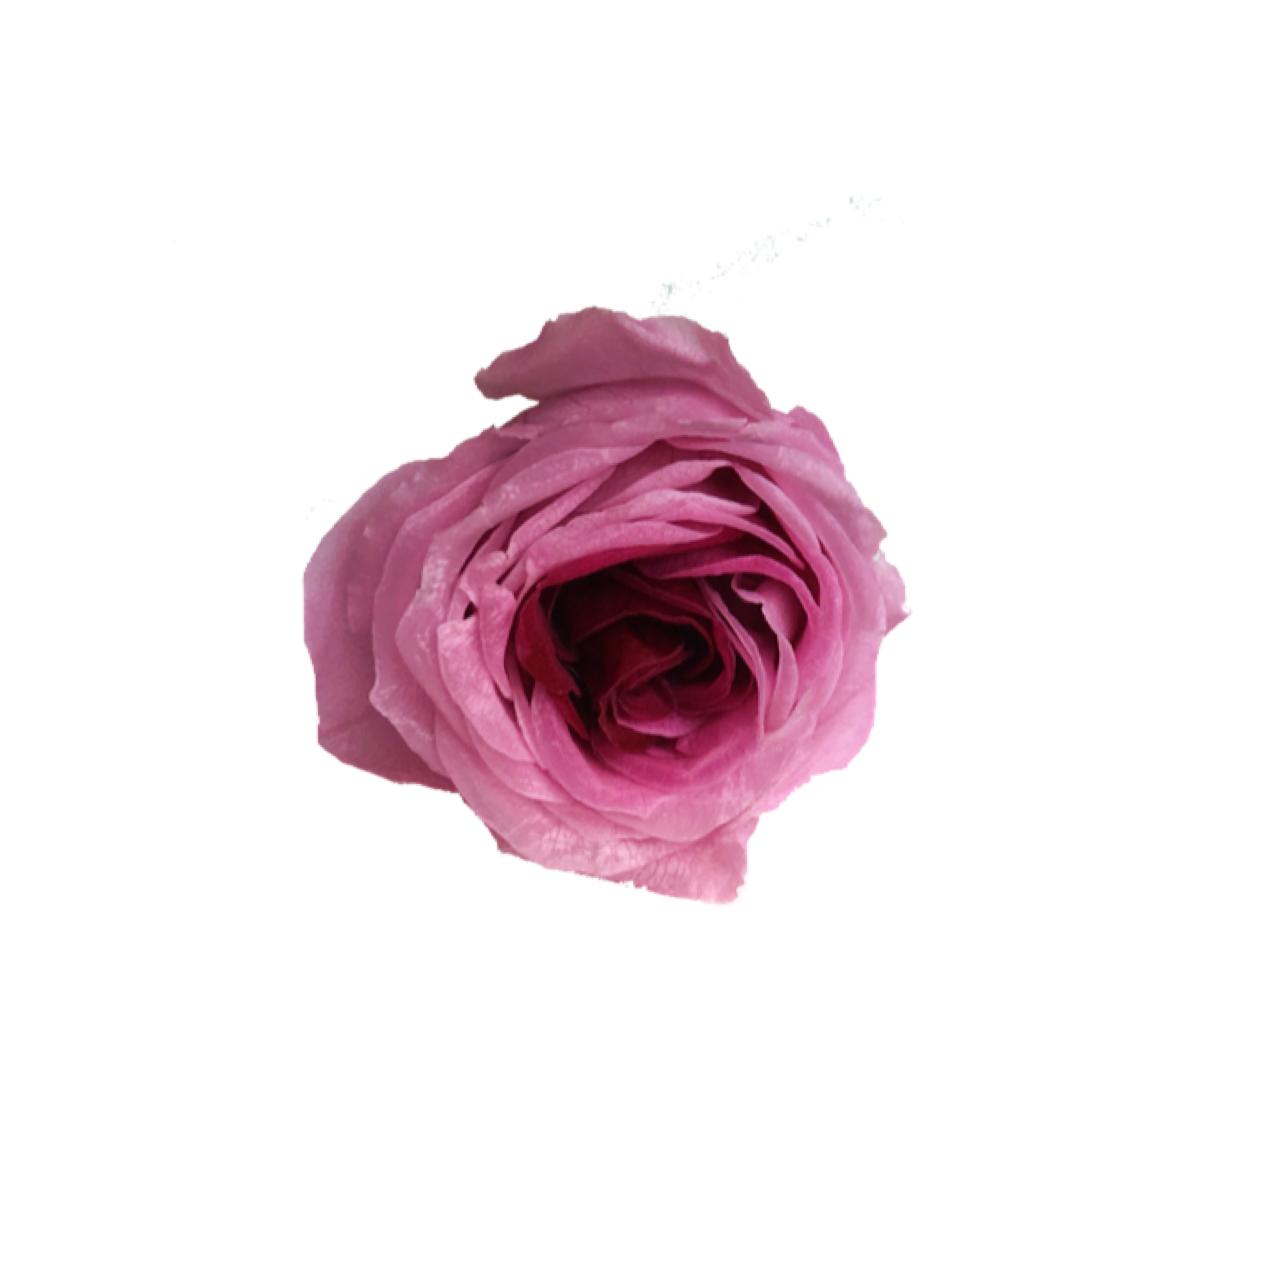 【5%OFF】プリザーブドローズ【1輪販売】   大地農園/ローズまりひめ小 クリスタルルビー/03840-0-141